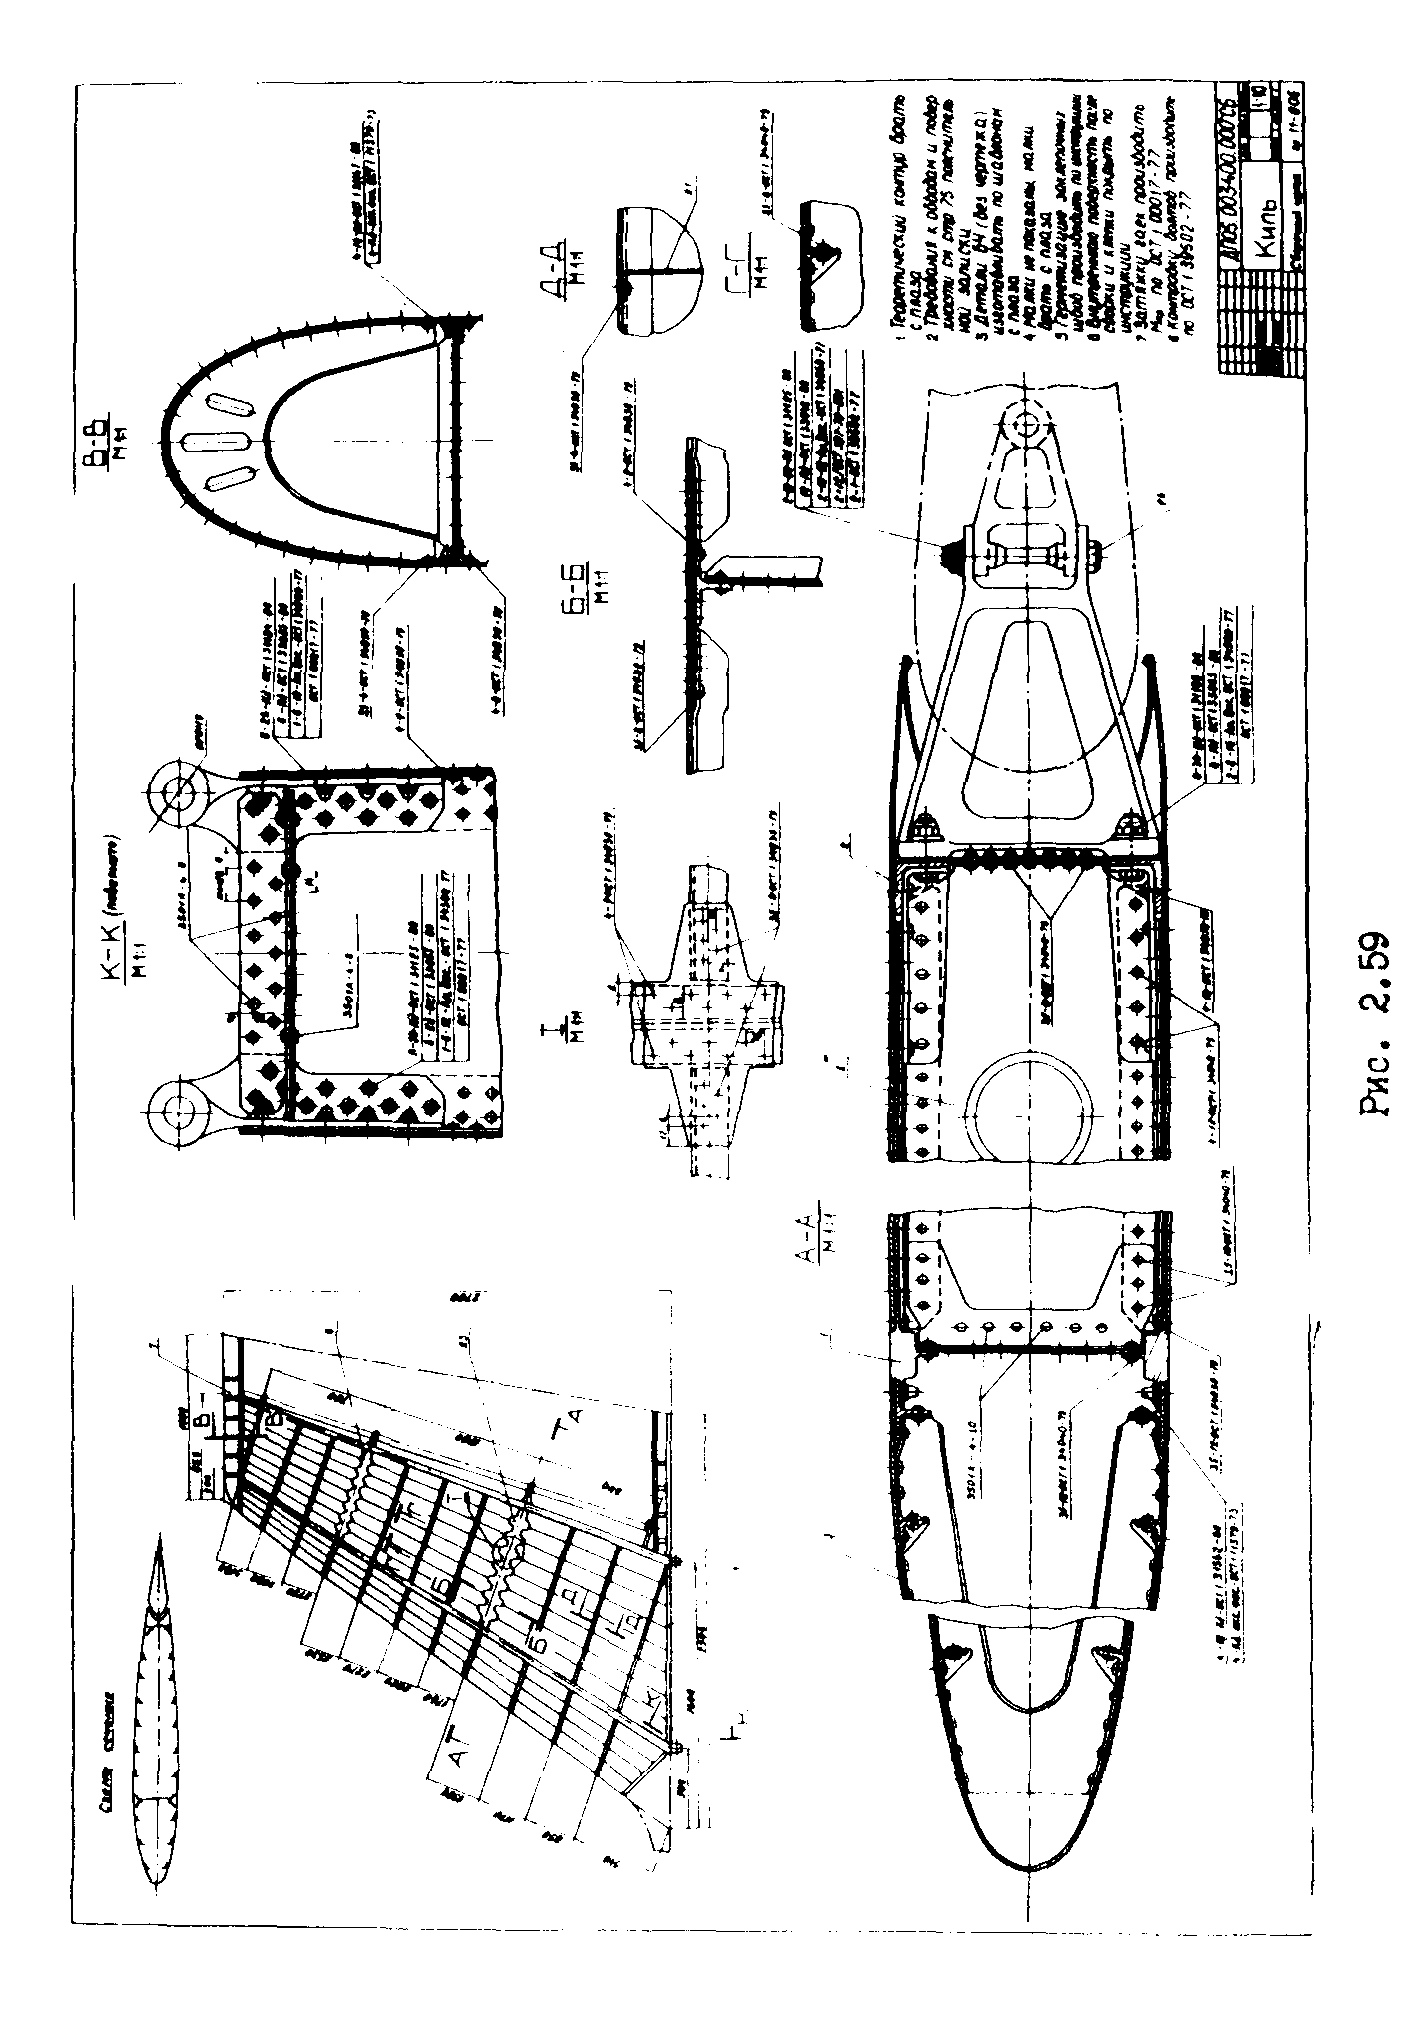 Объемная компоновка и центровка самолета В масштабе 1 1 или 1 2 для крупных агрегатов вычерчивают 6 10 сечений или узлов поясняющих конструкцию отдельных элементов их взаимную увязку и вид